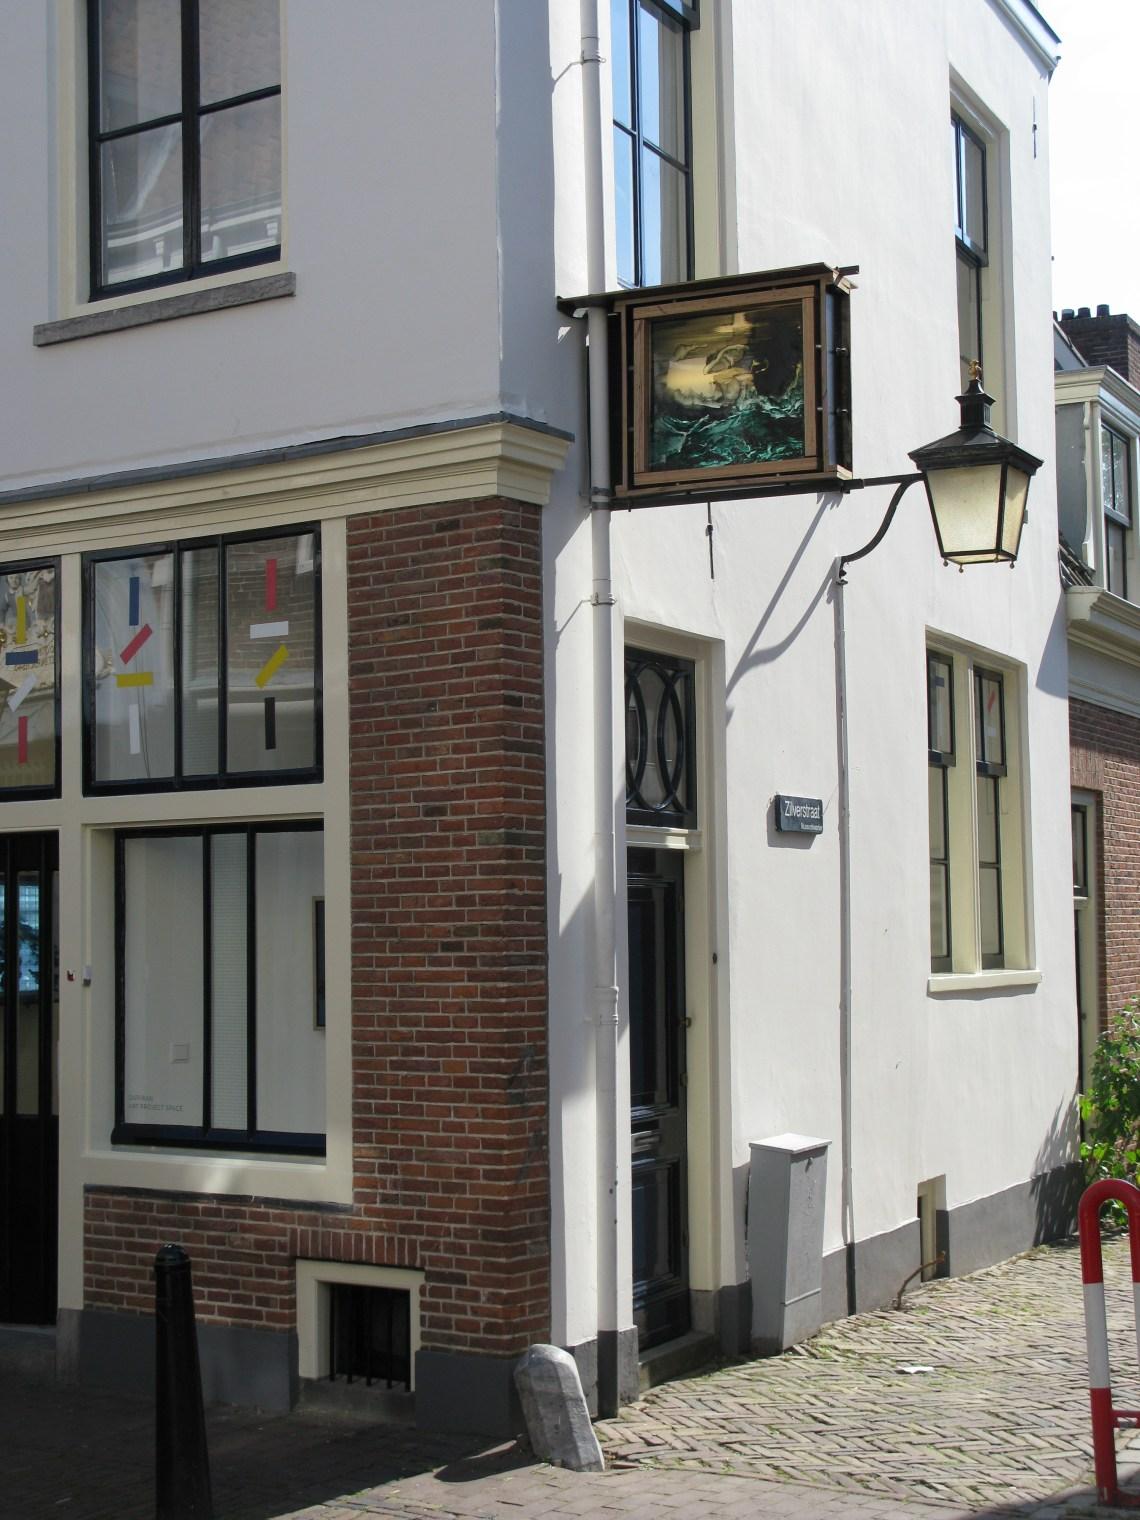 dapiran_job_vissers_vorstenbosch